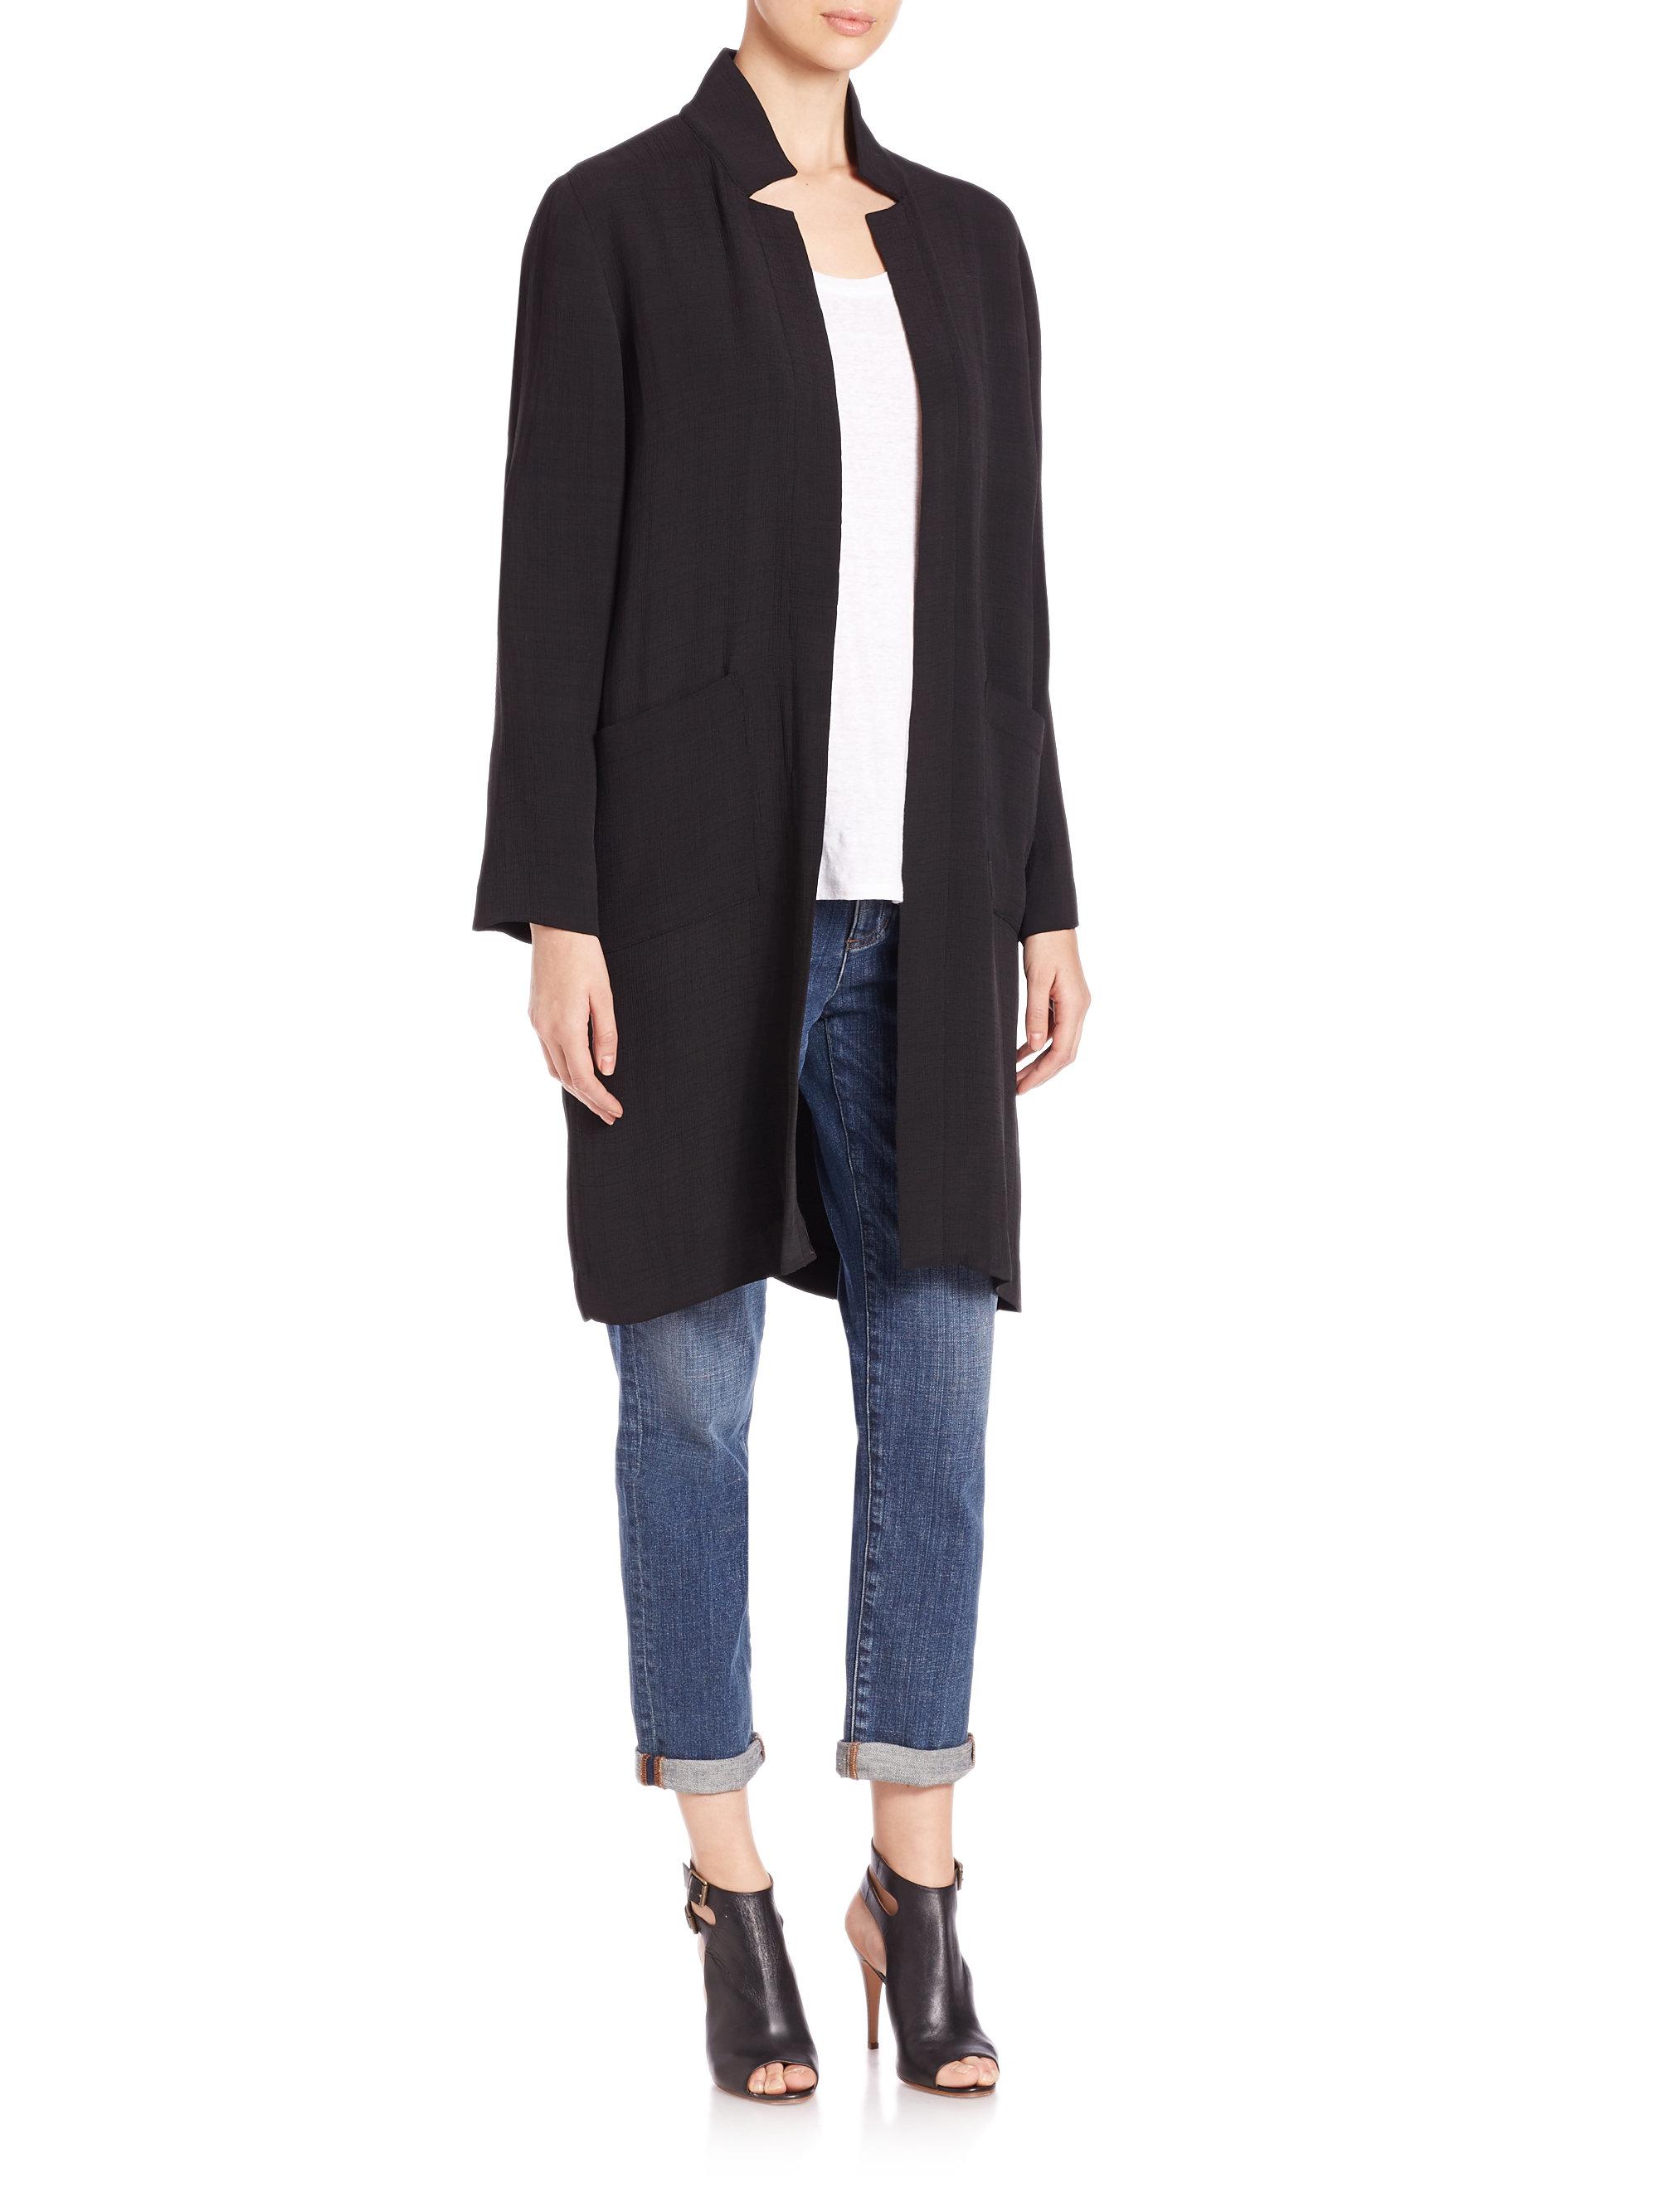 Eileen Fisher Silk Blend Sponge Jacket In Black Lyst